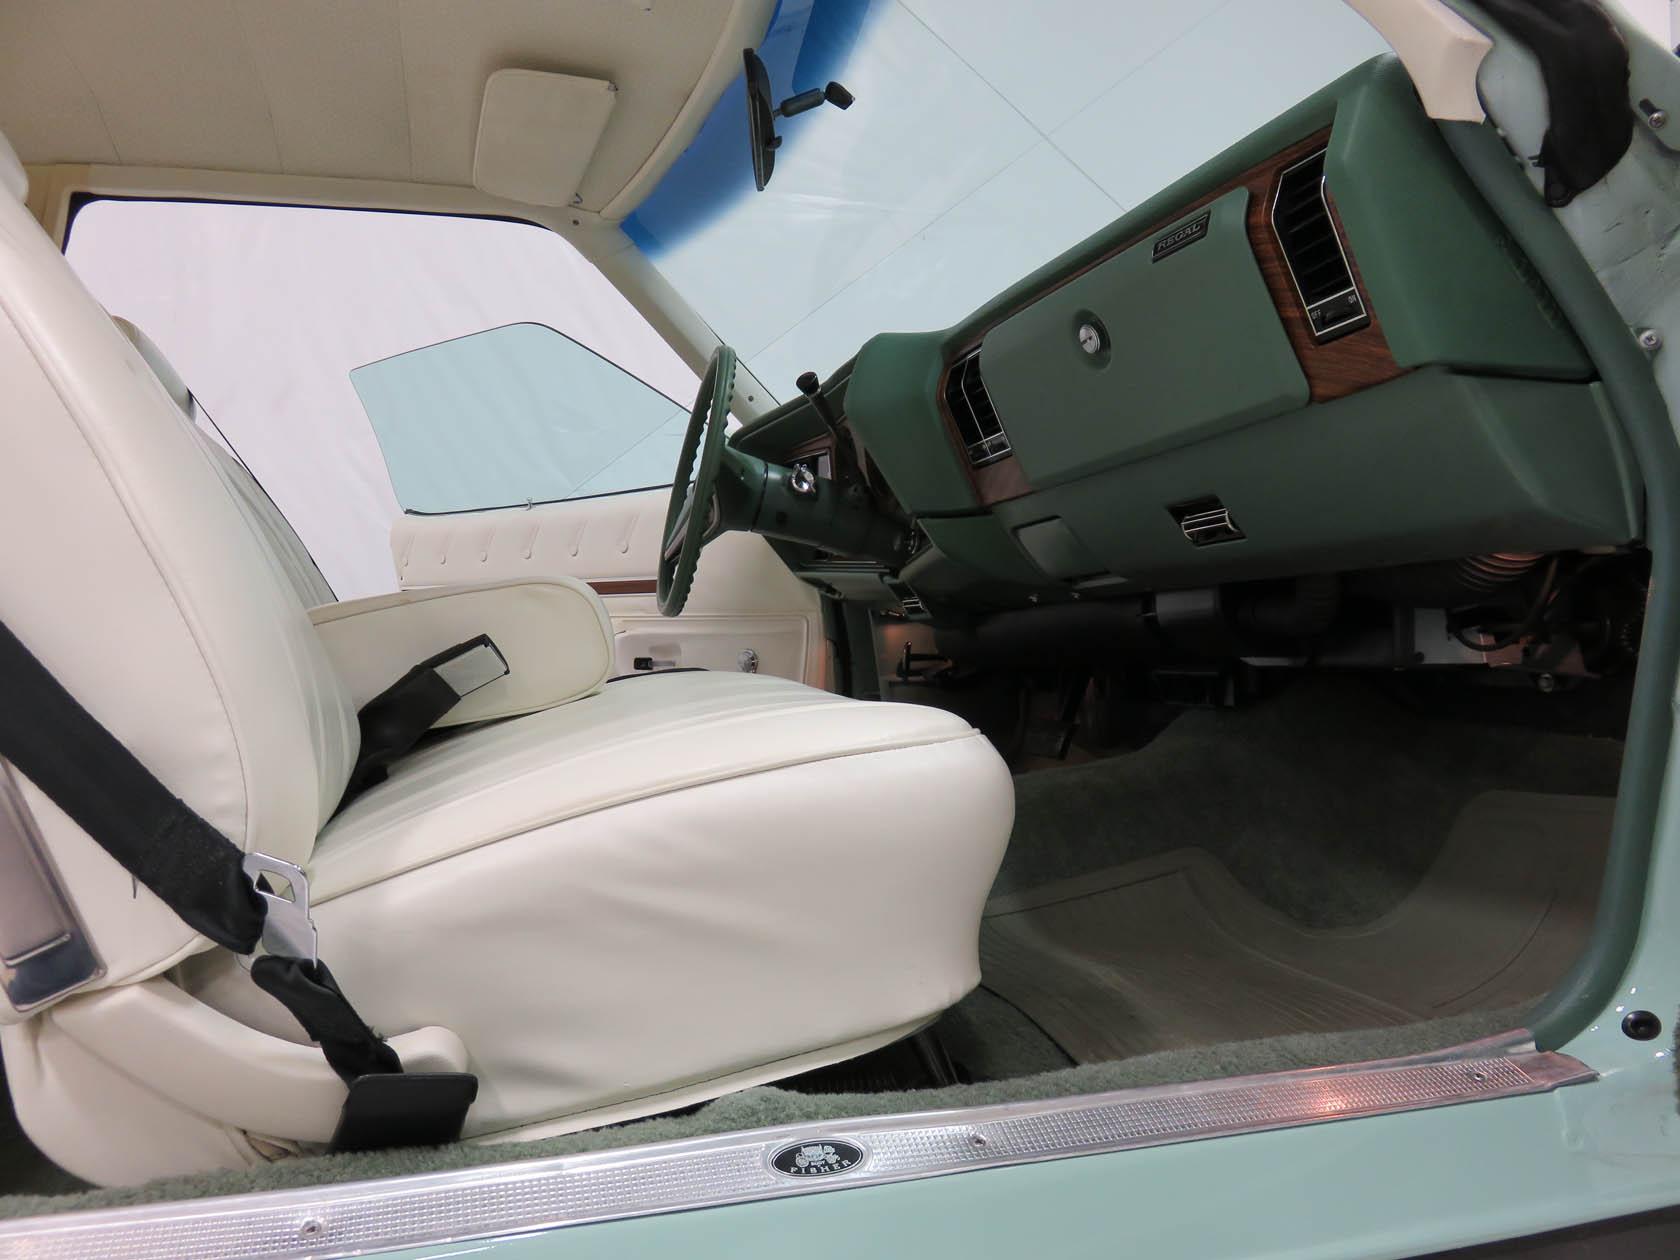 Michael Esposito - 1974 Oldsmobile Cutlasss Supreme 453